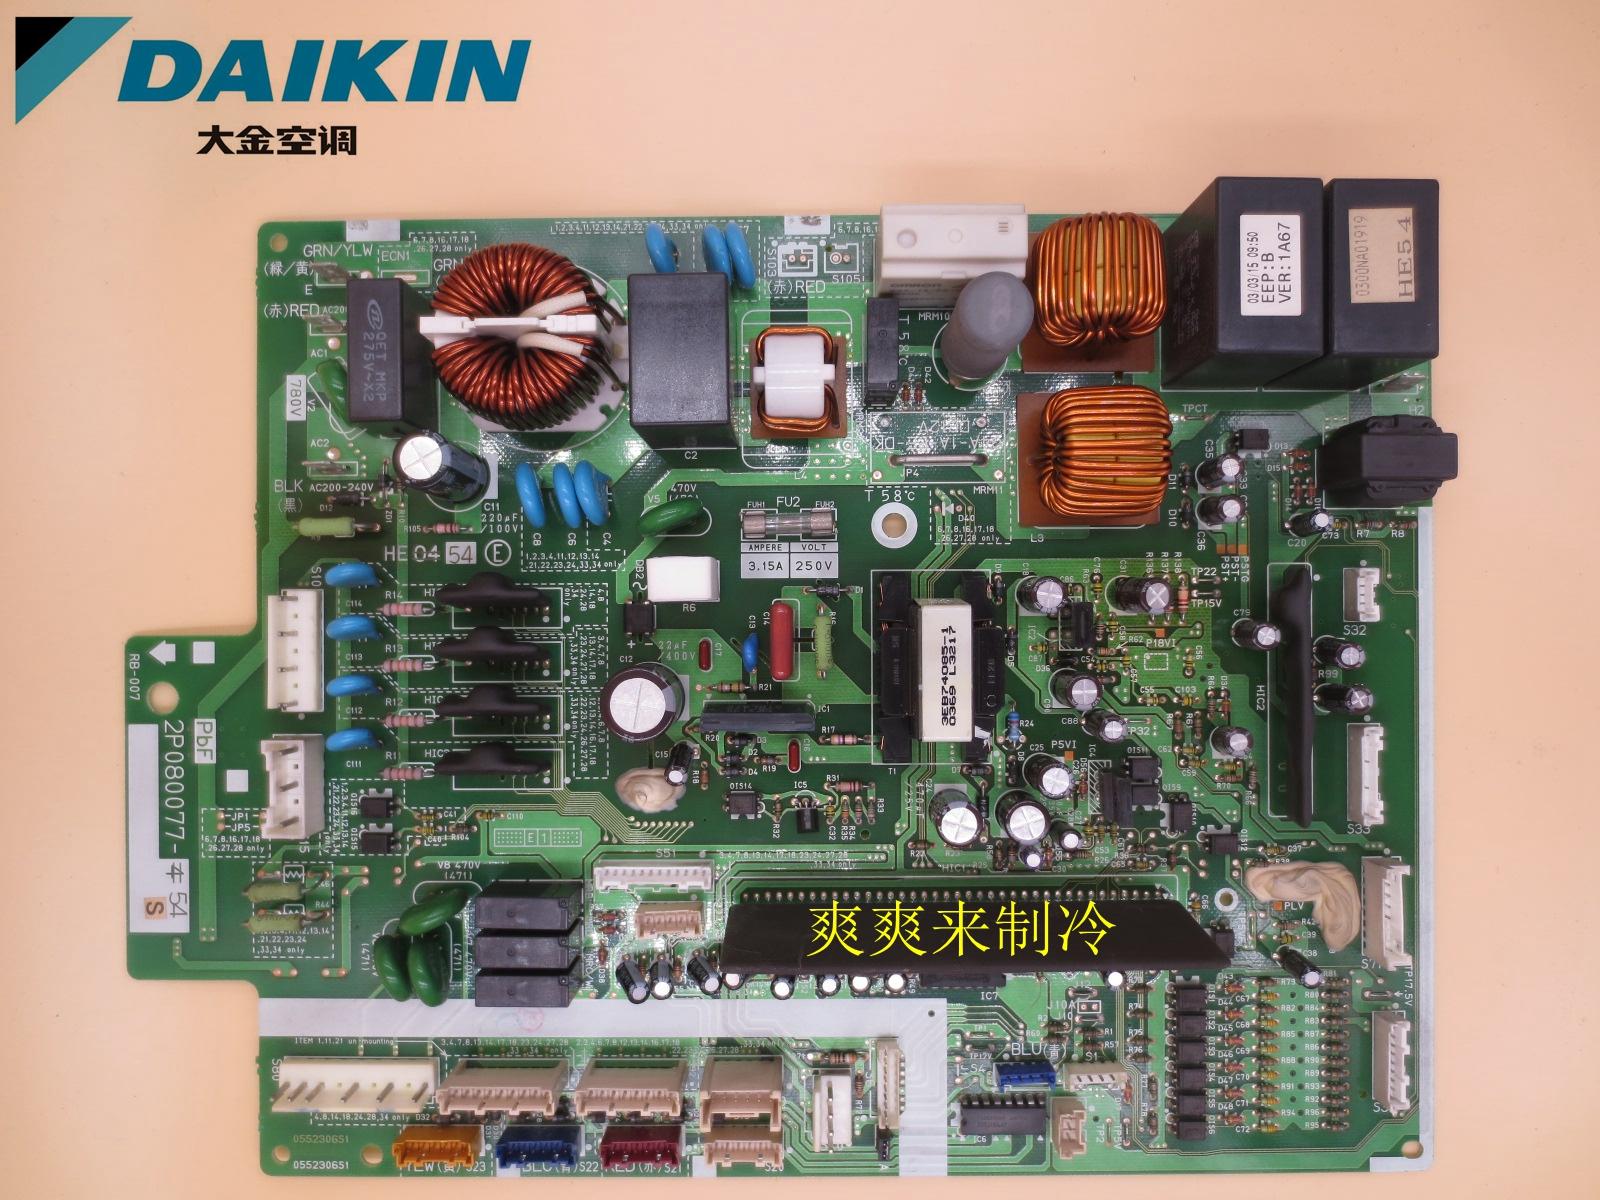 ダイキンインバーターエアコンのマザーボードの基板ボード2P080077-54パソコン